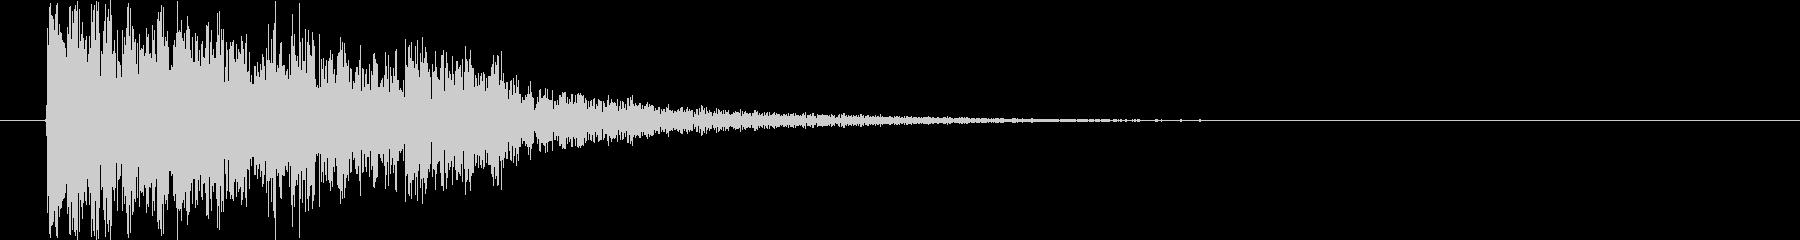 オーケストラサウンドロゴの未再生の波形